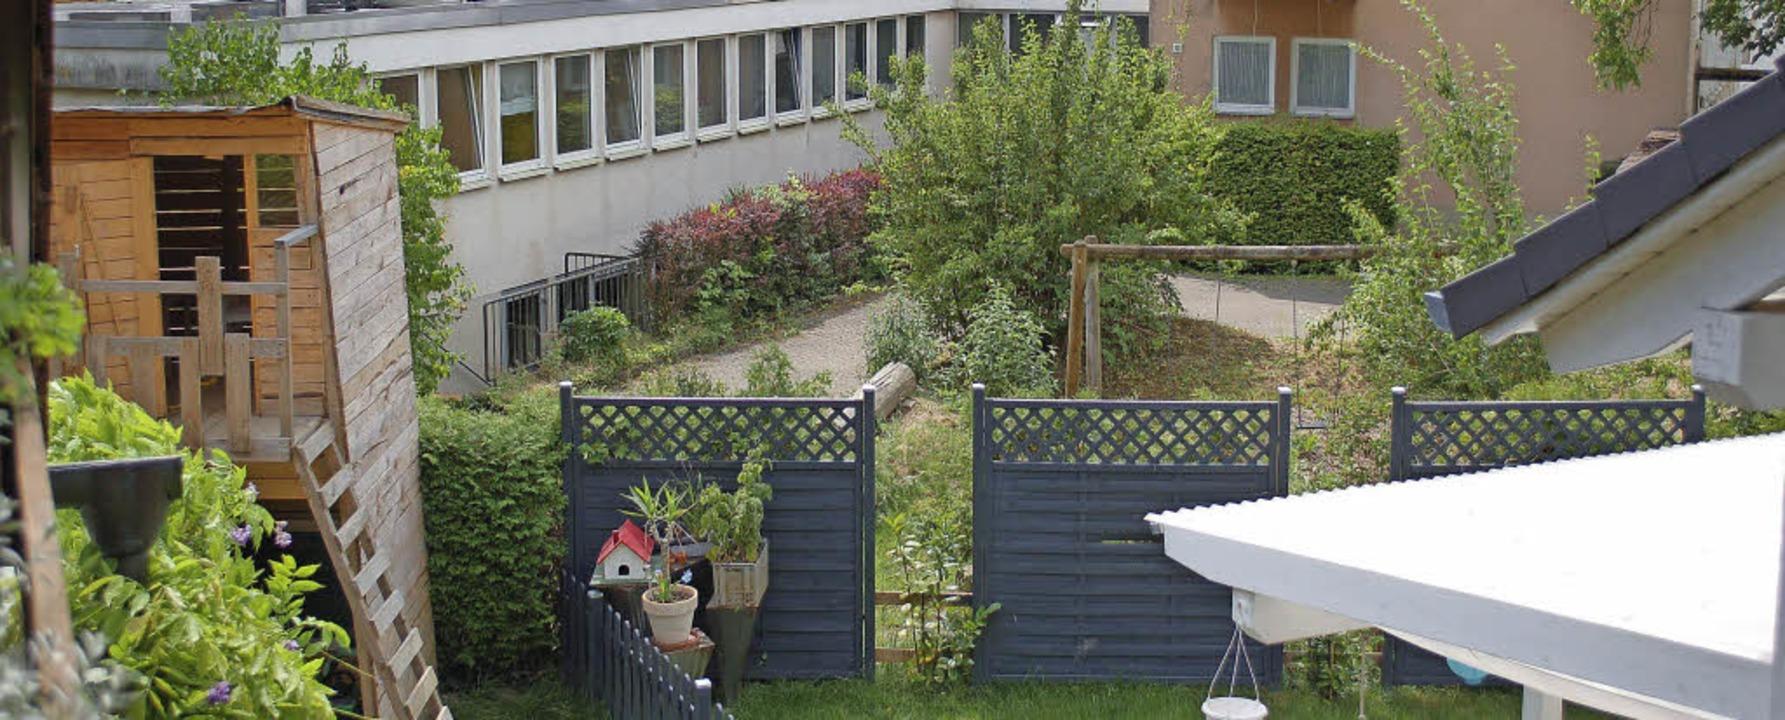 Das Grundstück von Ehepaar Braun  gren...lanten Flüchtlingsunterkunft in Sulz.   | Foto: Ulrike Sträter/Wilhelm Media